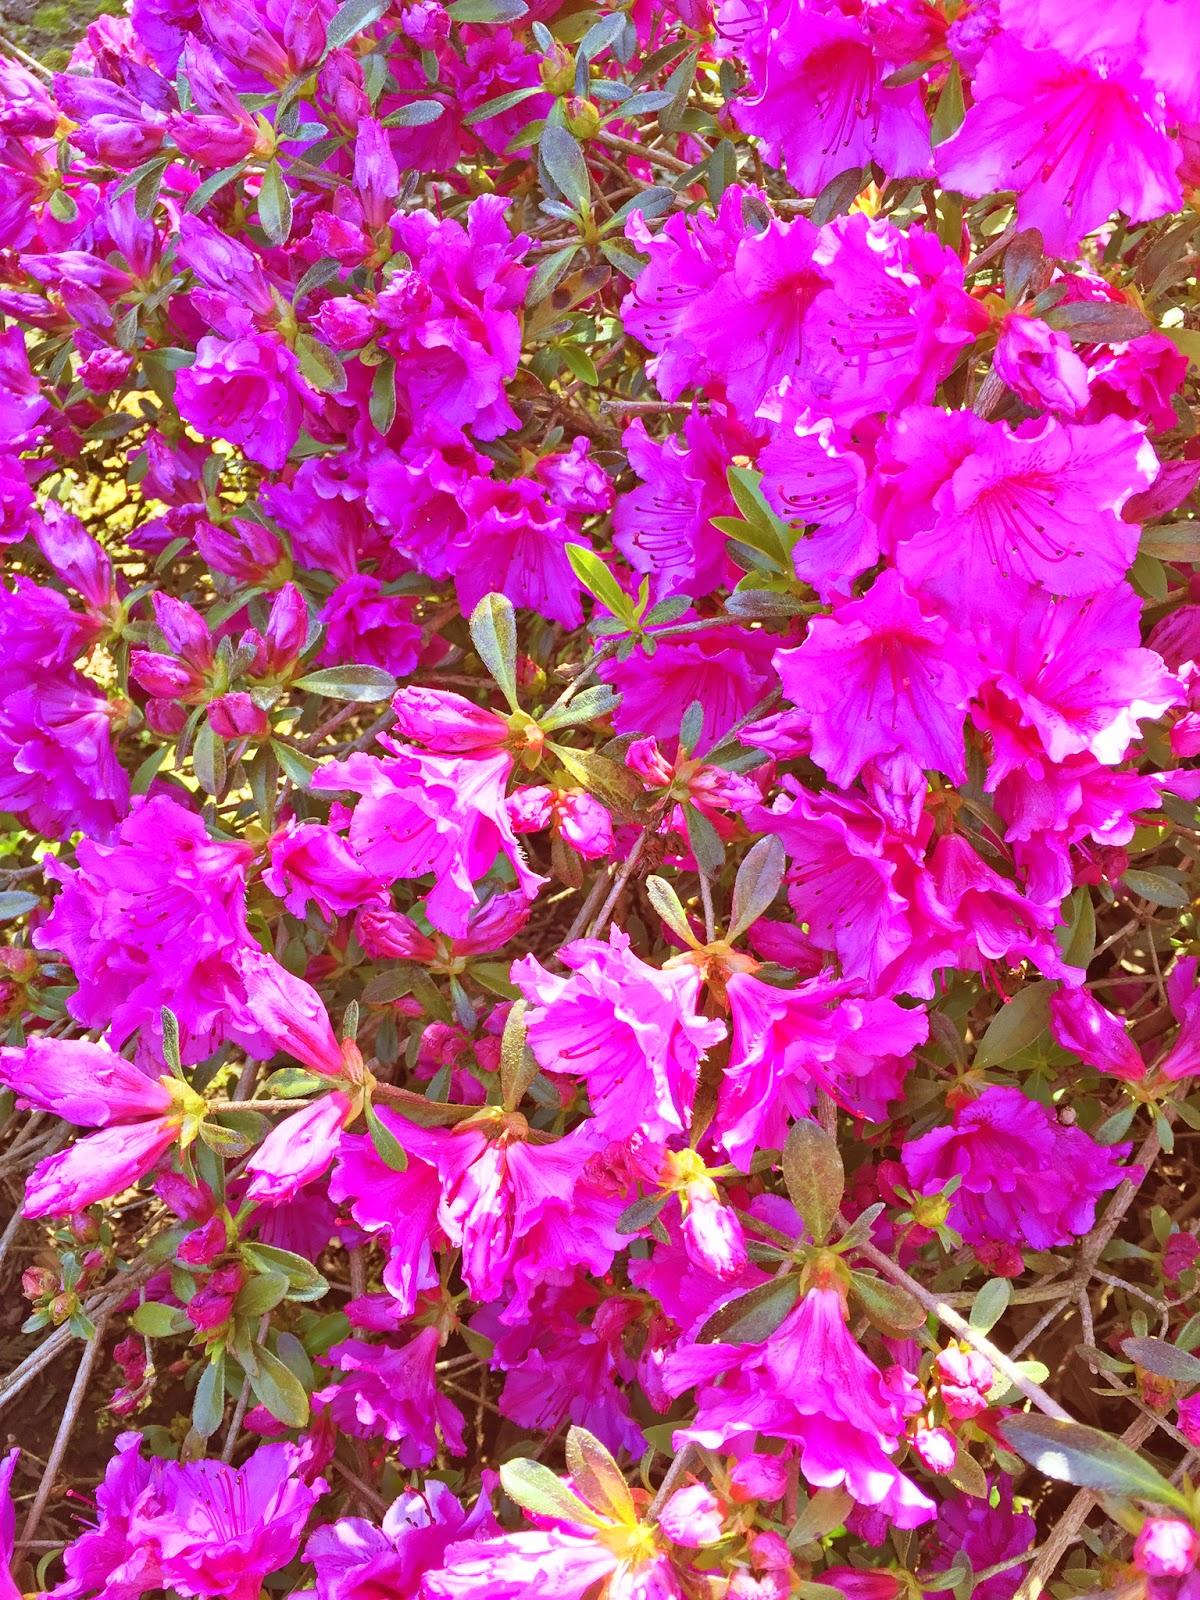 Hot pink rhododendron azalea flower wallpaper free wallpaper for hot pink rhododendron azalea flower wallpaper mightylinksfo